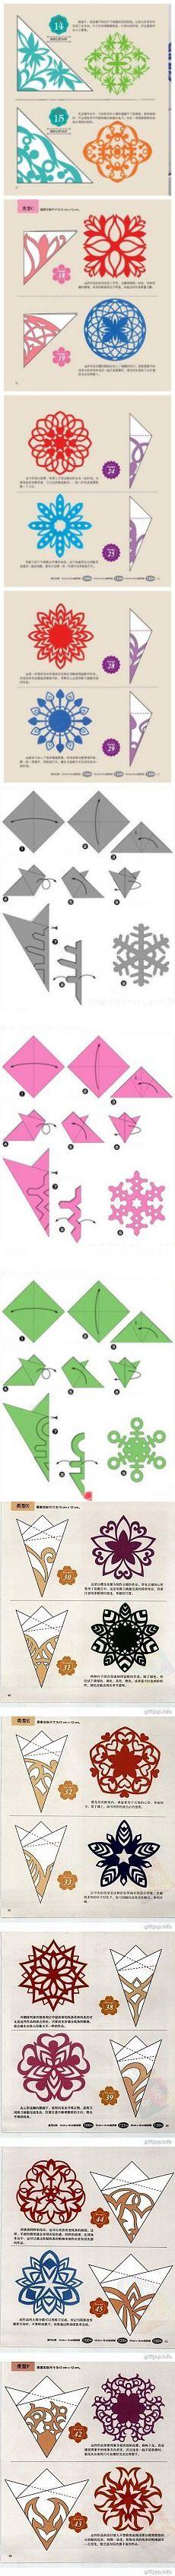 simge в Pinterest   Снежинки, Бумажные Снежинки и Бумага